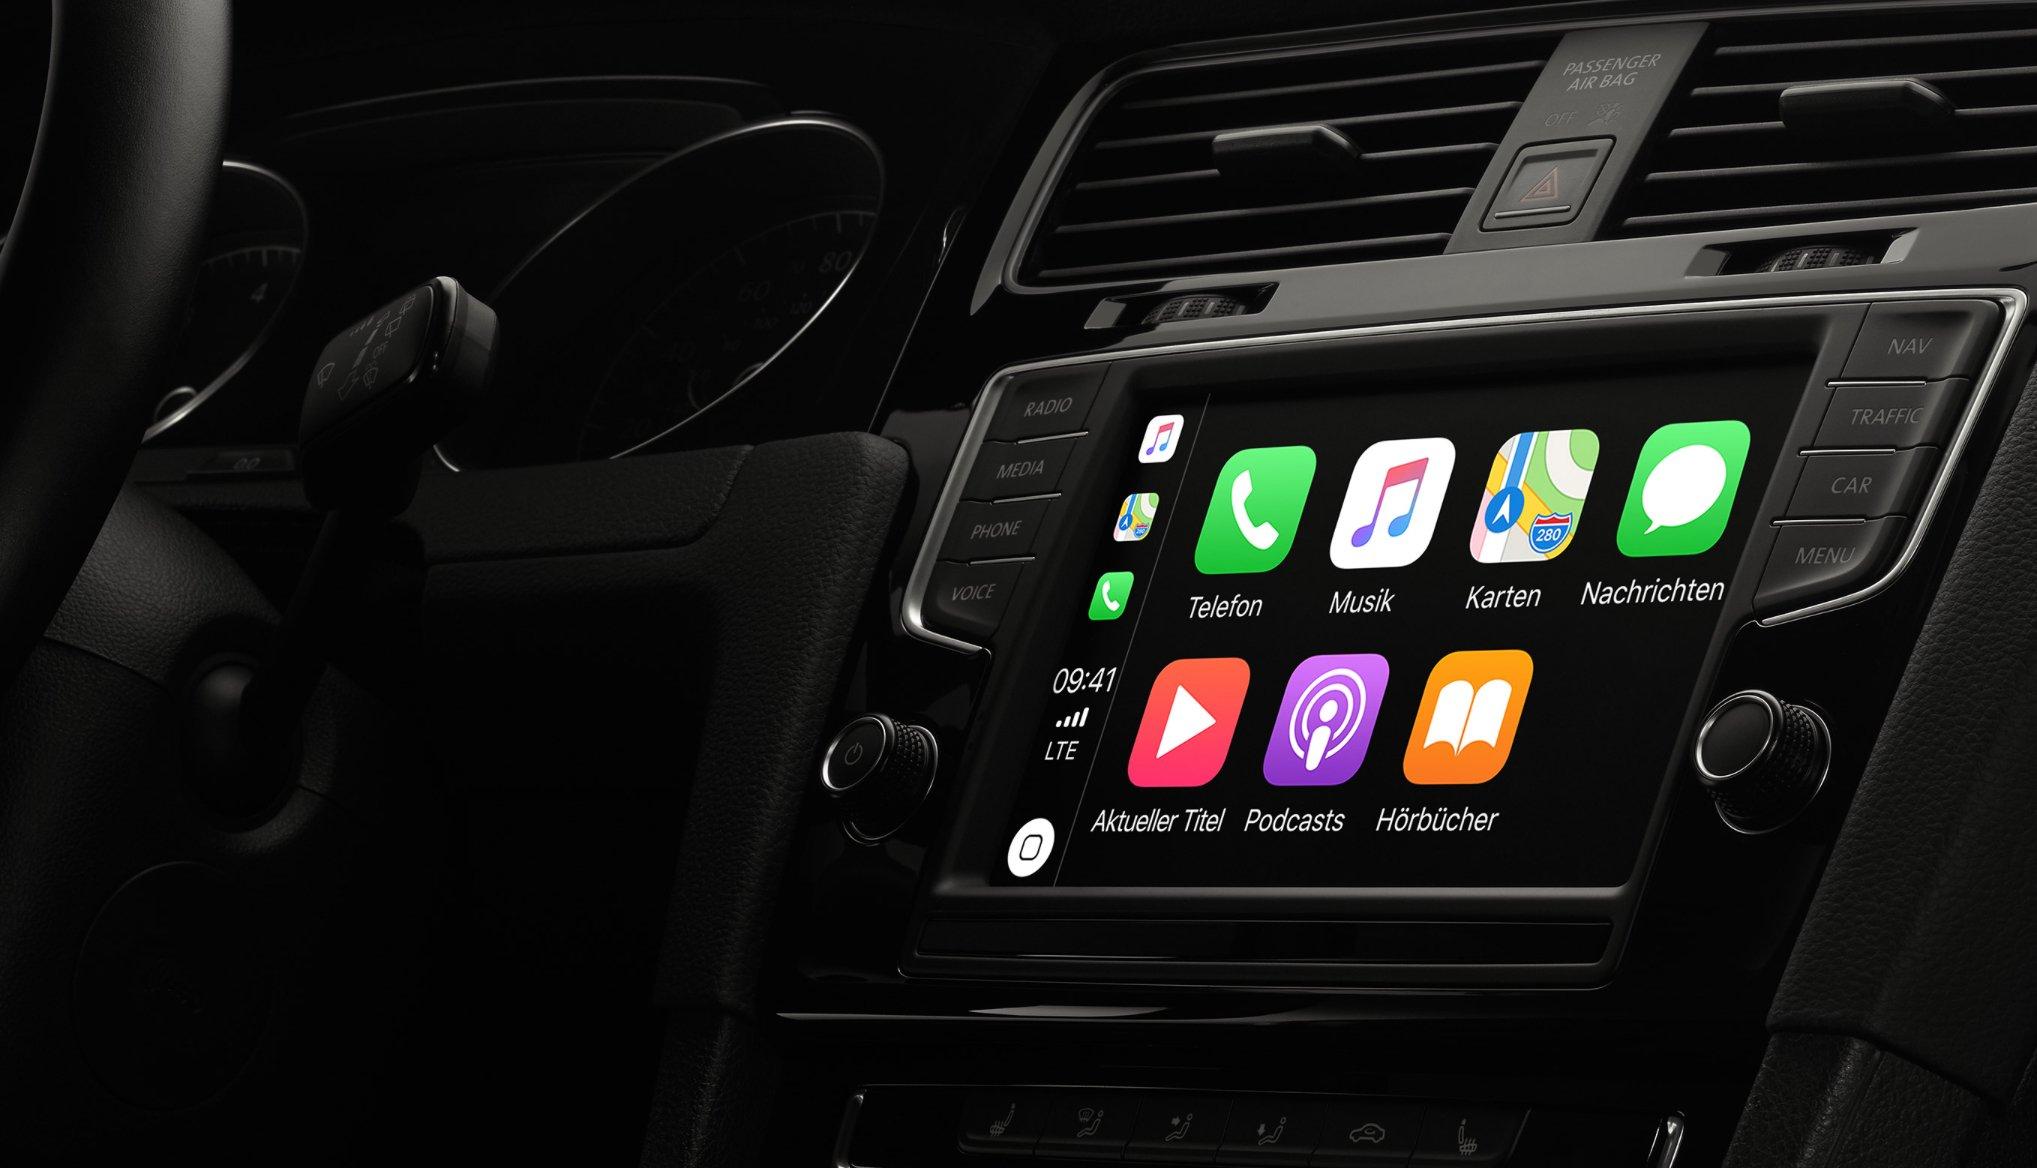 Sygic Carplay Reddit Offline maps app Sygic teases iOS 12 CarPlay